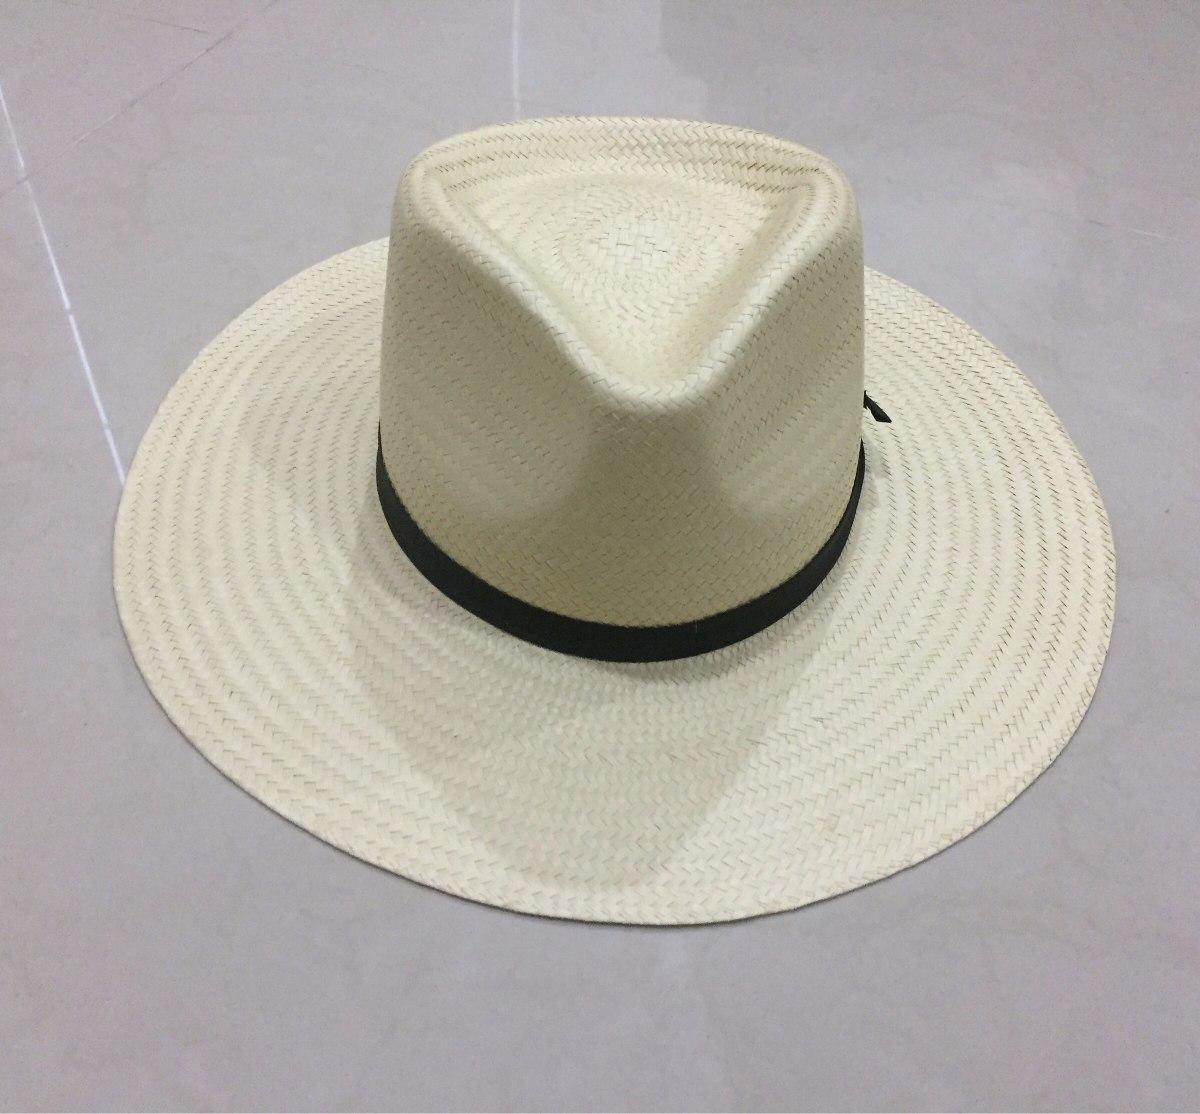 Panama Hat Sombrero Yucateco De Palma -   550.00 en Mercado Libre 9a96beb5012